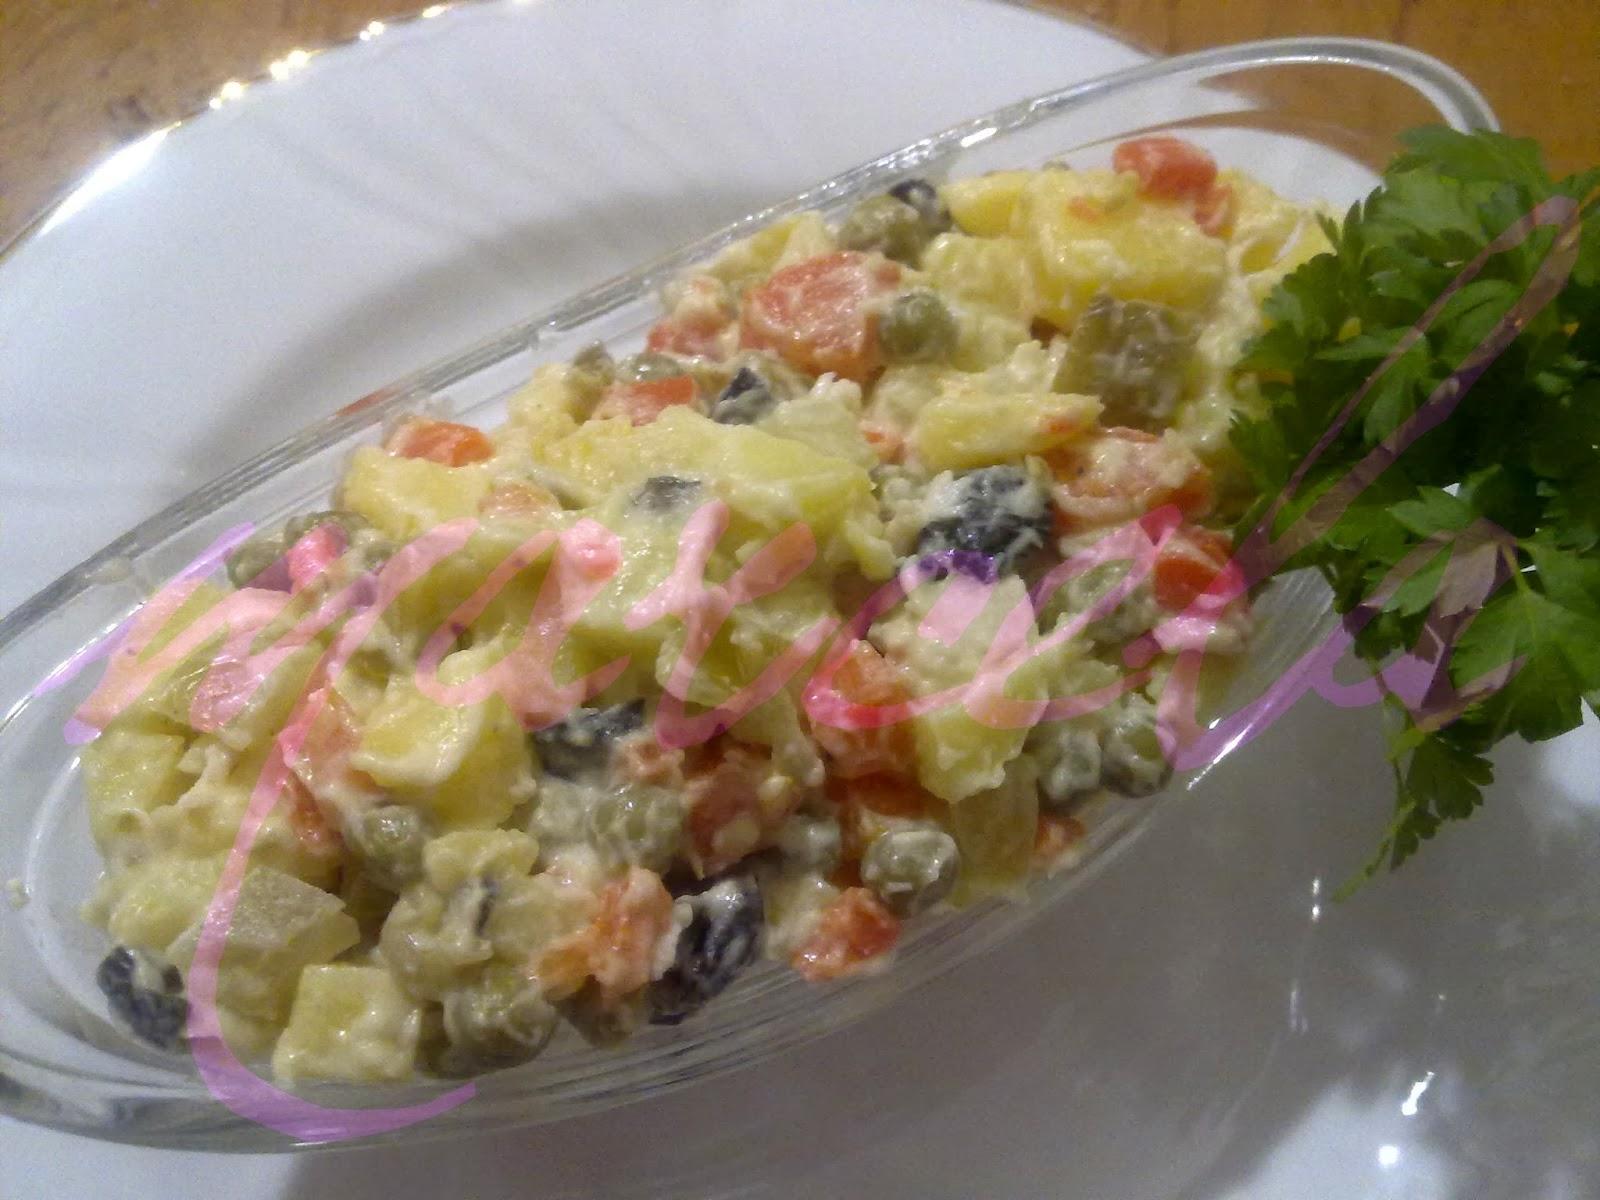 Rus salatasi içindekiler — Görsel Yemek Tarifleri Sitesi ...